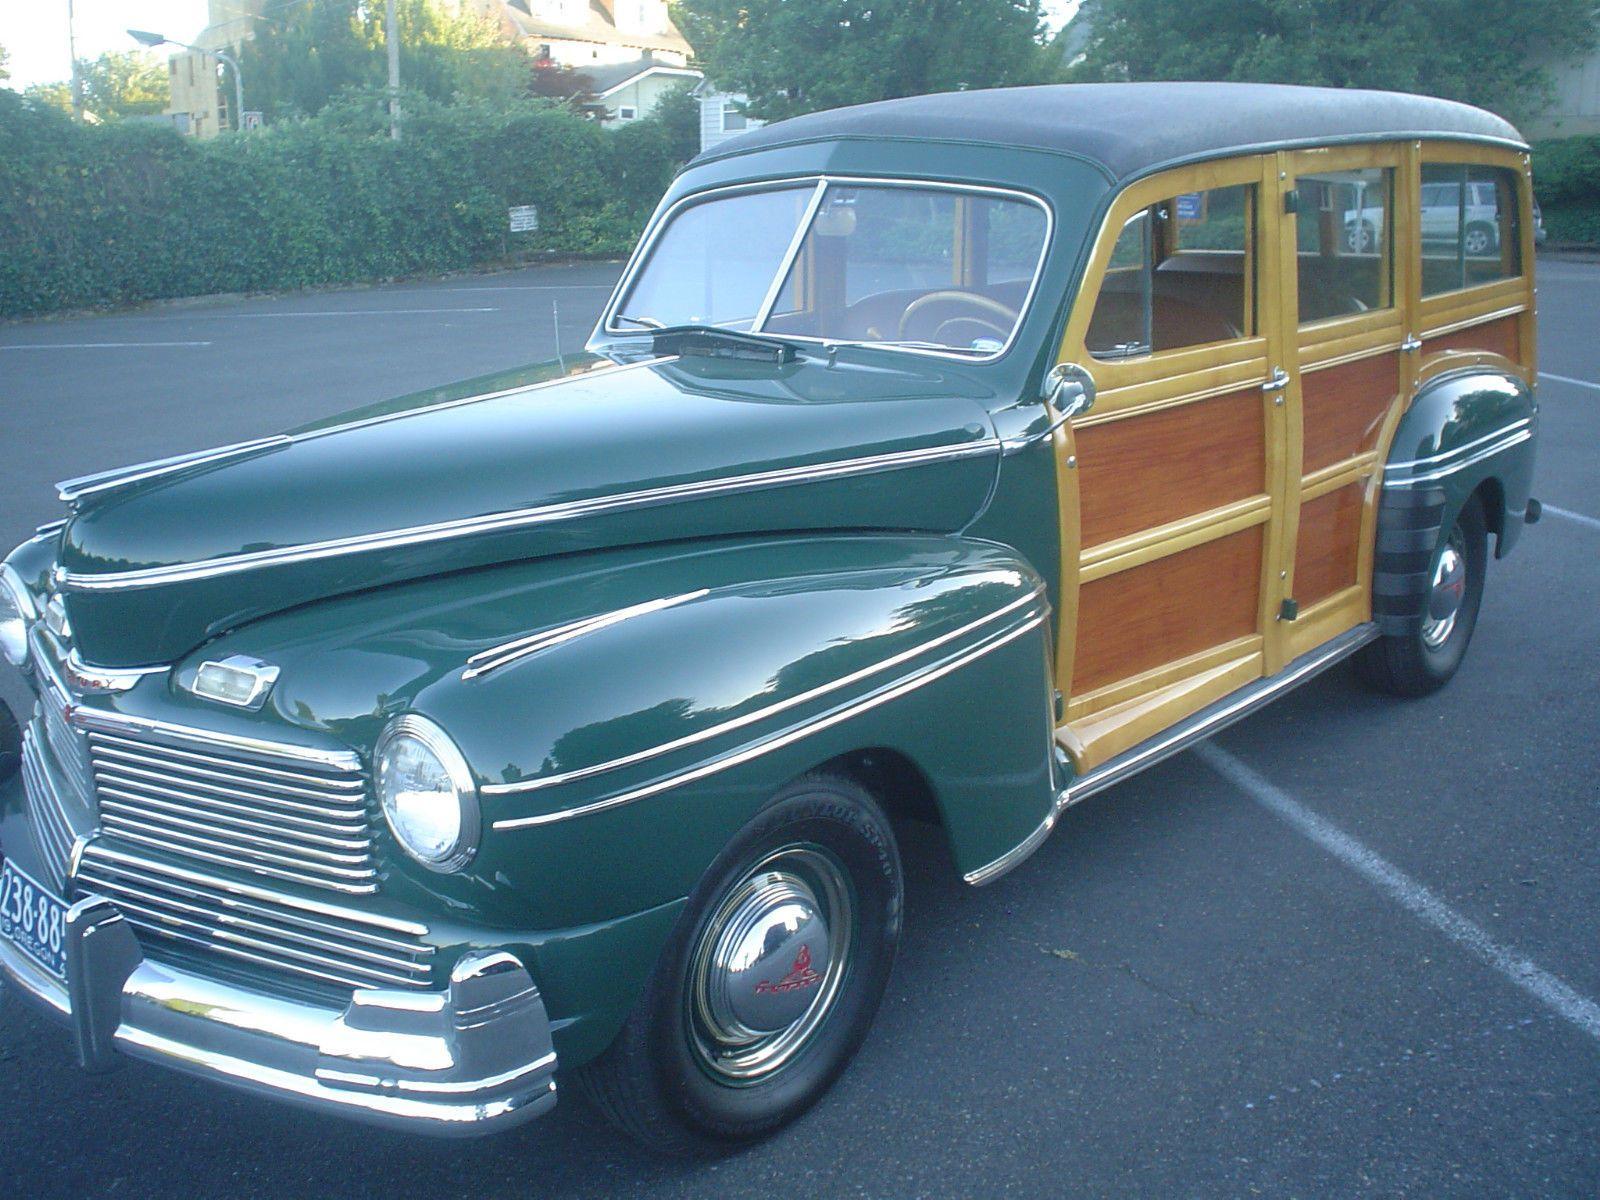 '42 Mercury Woody Wagon 29A West coast cars, Woody wagon